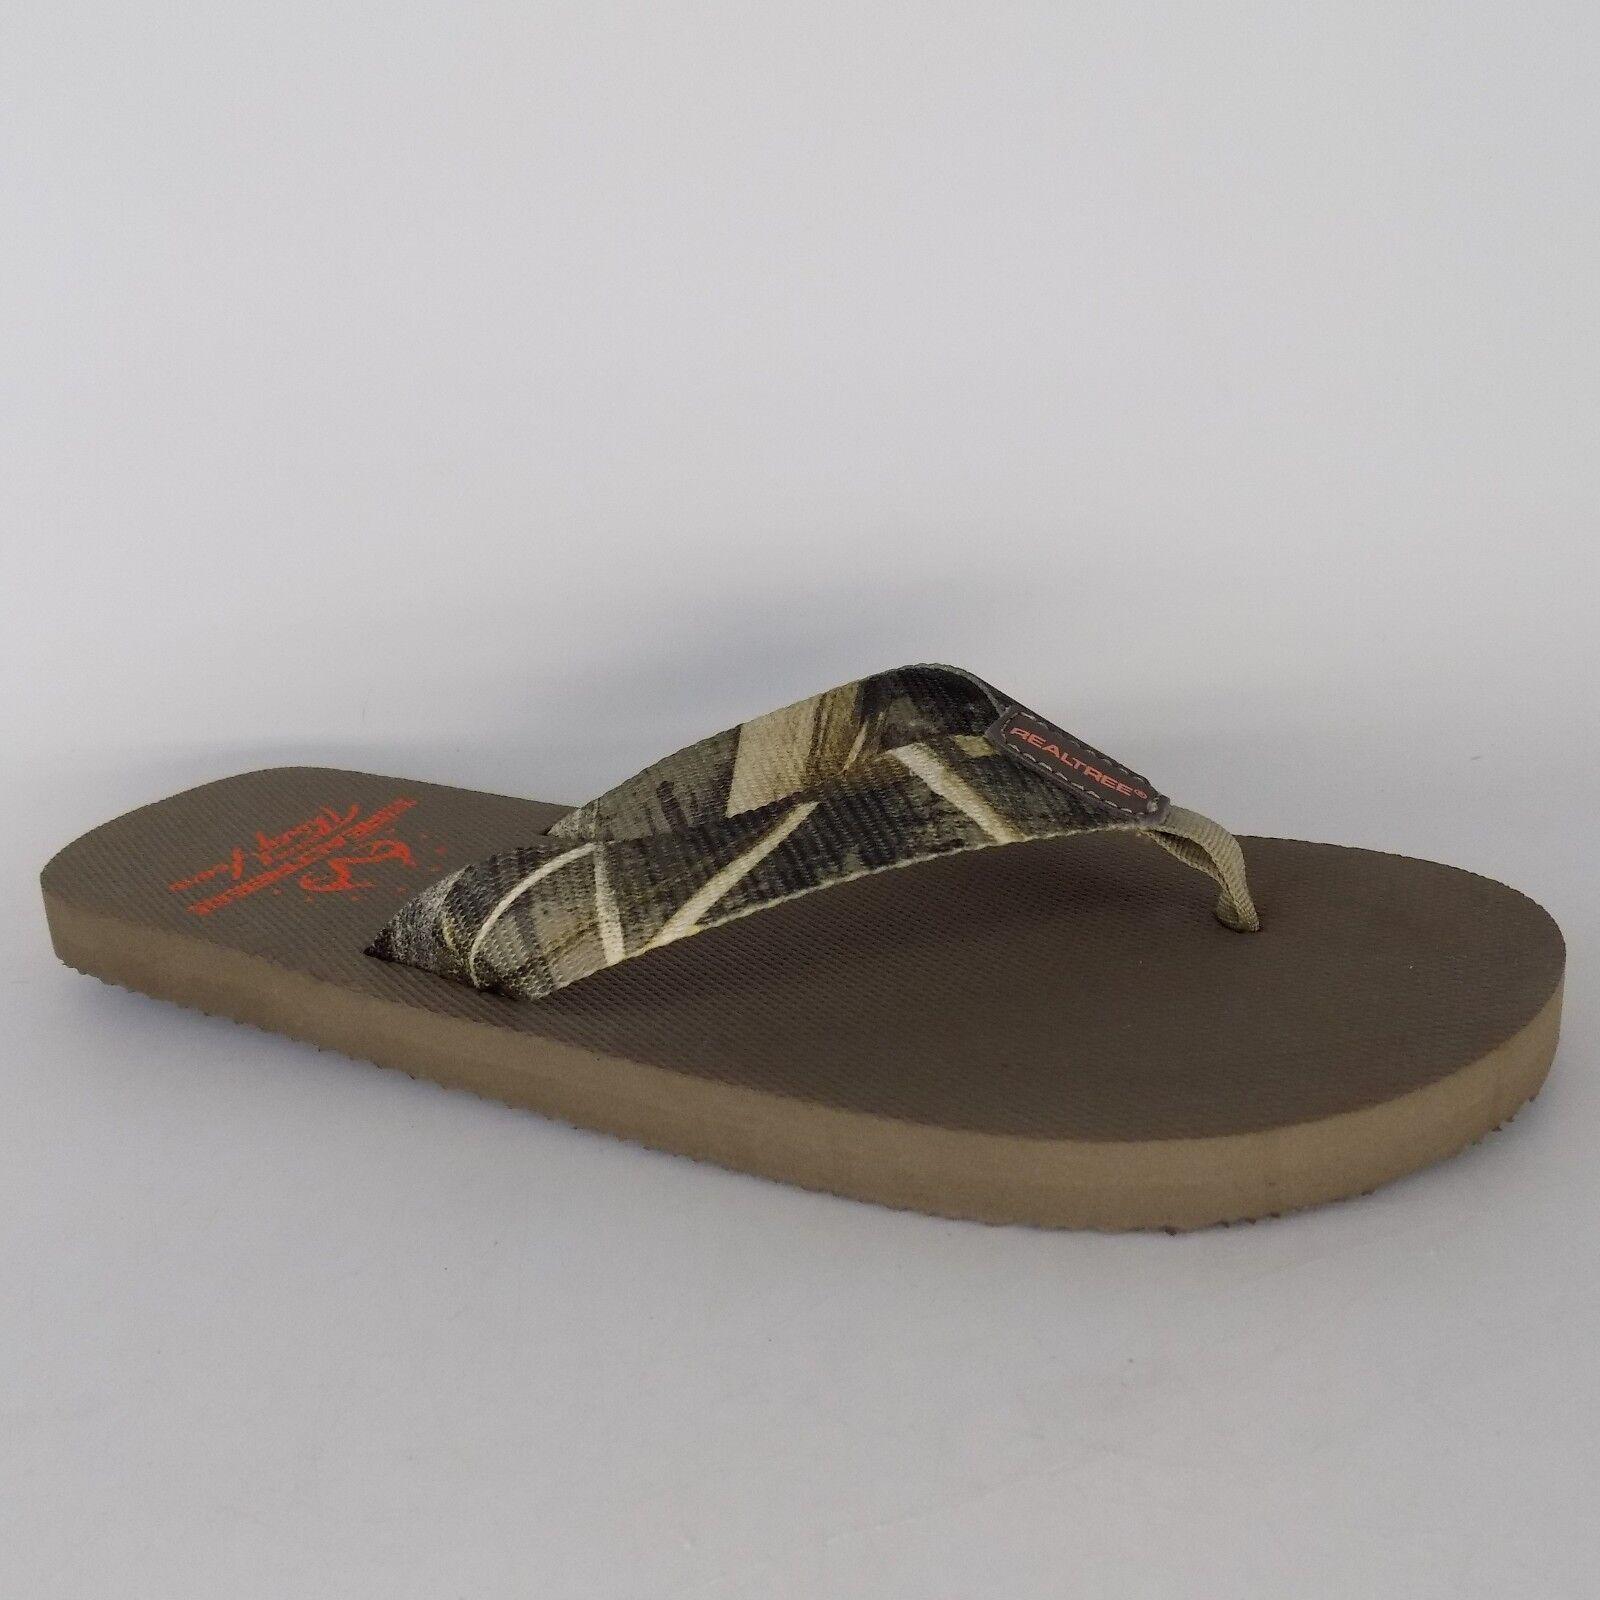 Real Tree Green Tide GWP Flip Flop Men Sandals Size 9.5 M AL3119